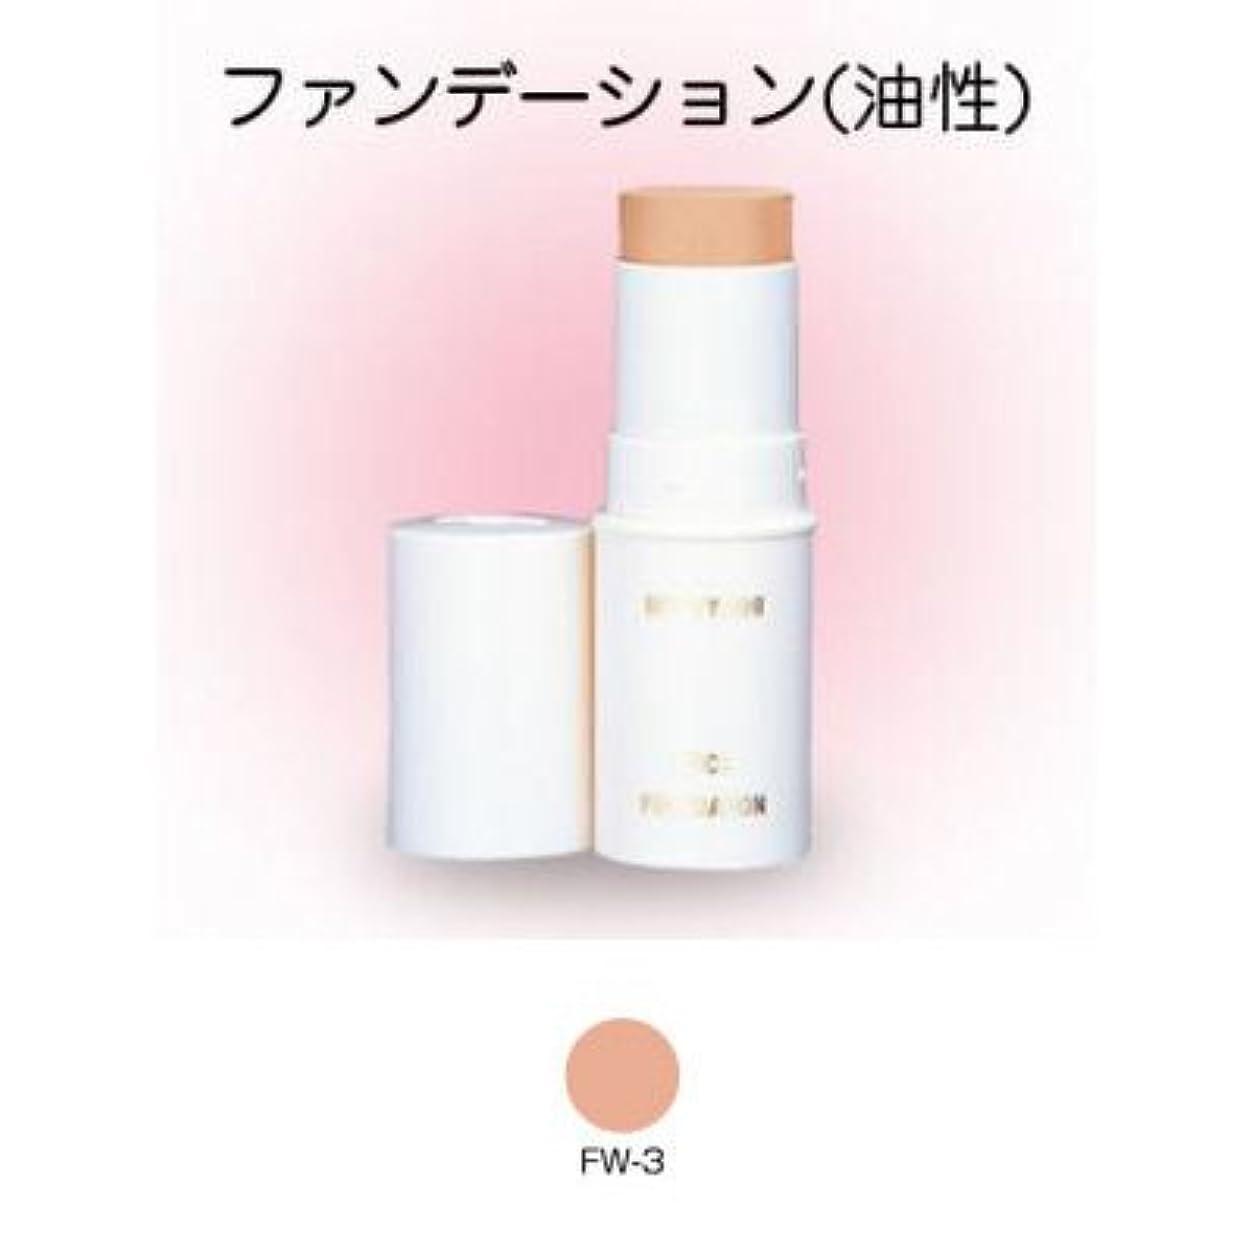 解く視線インデックス三善 スティックファンデーション ナチュラルメーク 自然な舞台化粧 カラー:FW-3 (C)